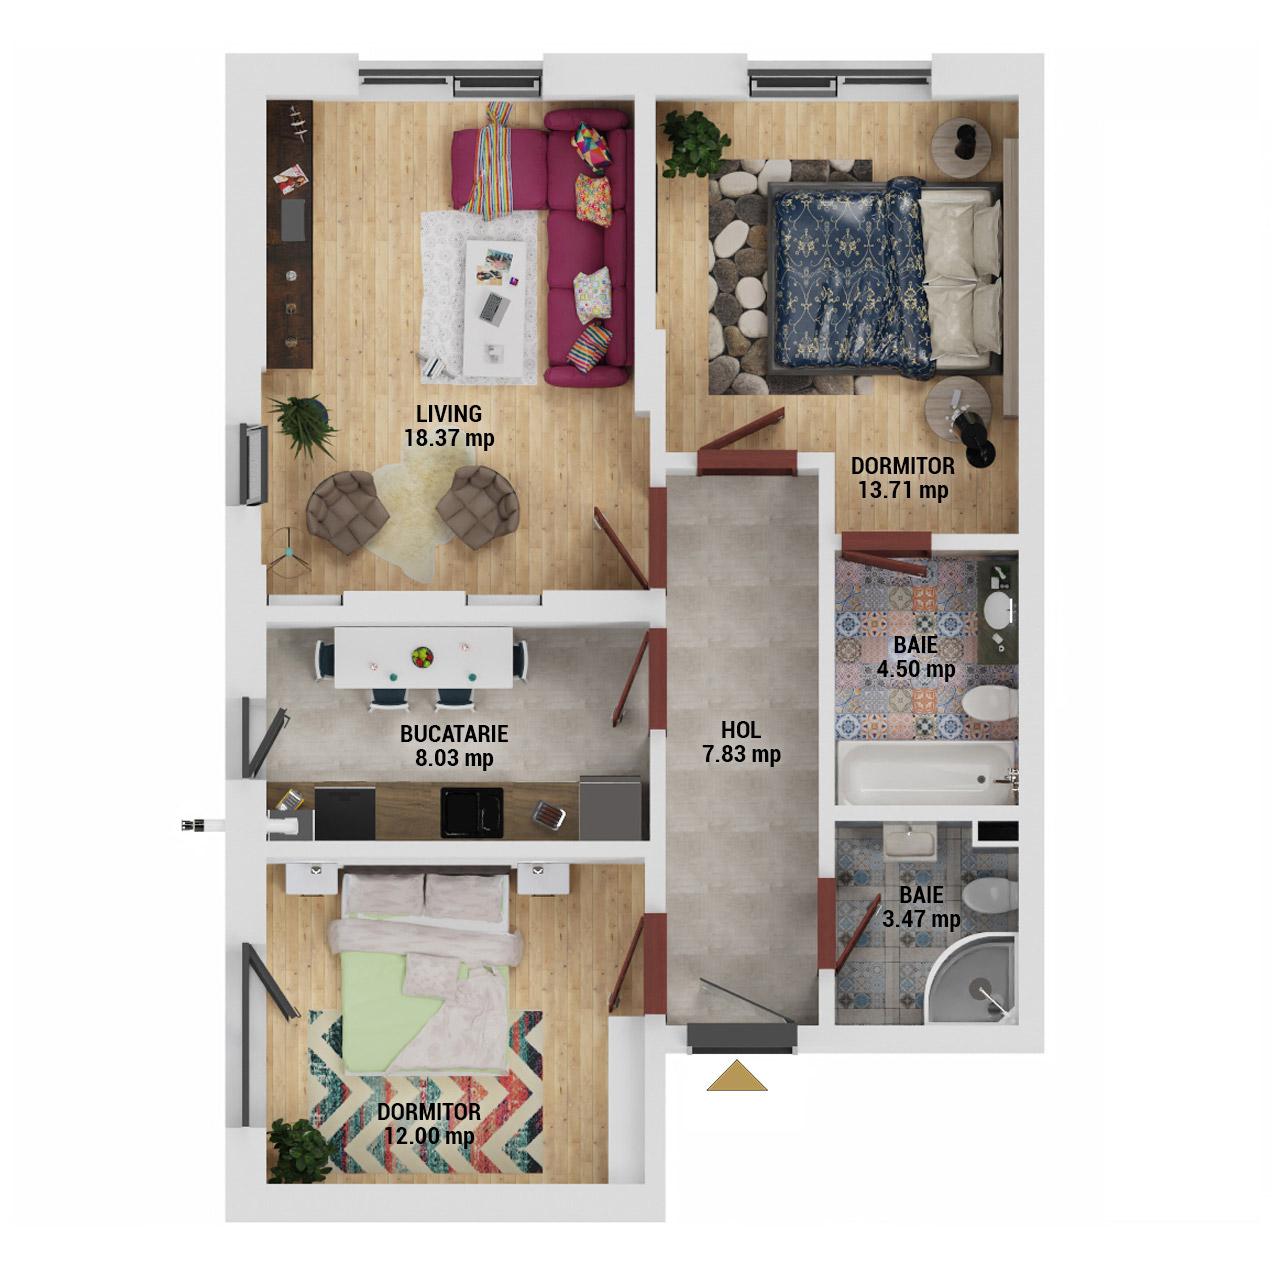 Apartamente 3 camere de vanzare Bucuresti - Uverturii Residence - Militari - Lujerului - Gorjului - Tip 1D - T1 - D